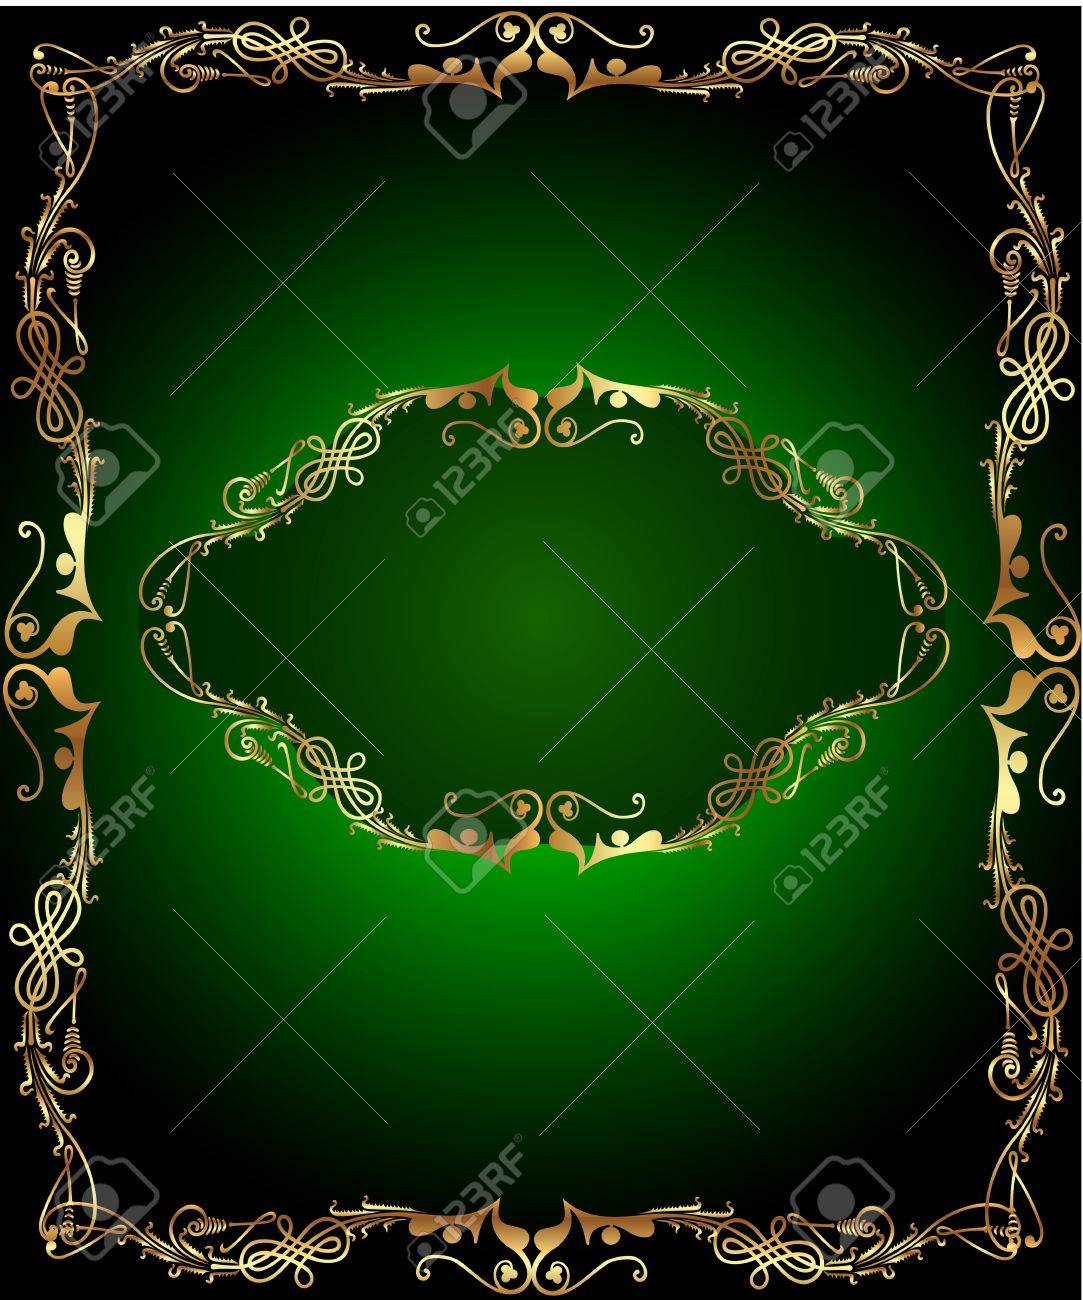 illustrations frame green background with vertical gold(en)(en) sample Stock Vector - 14511887